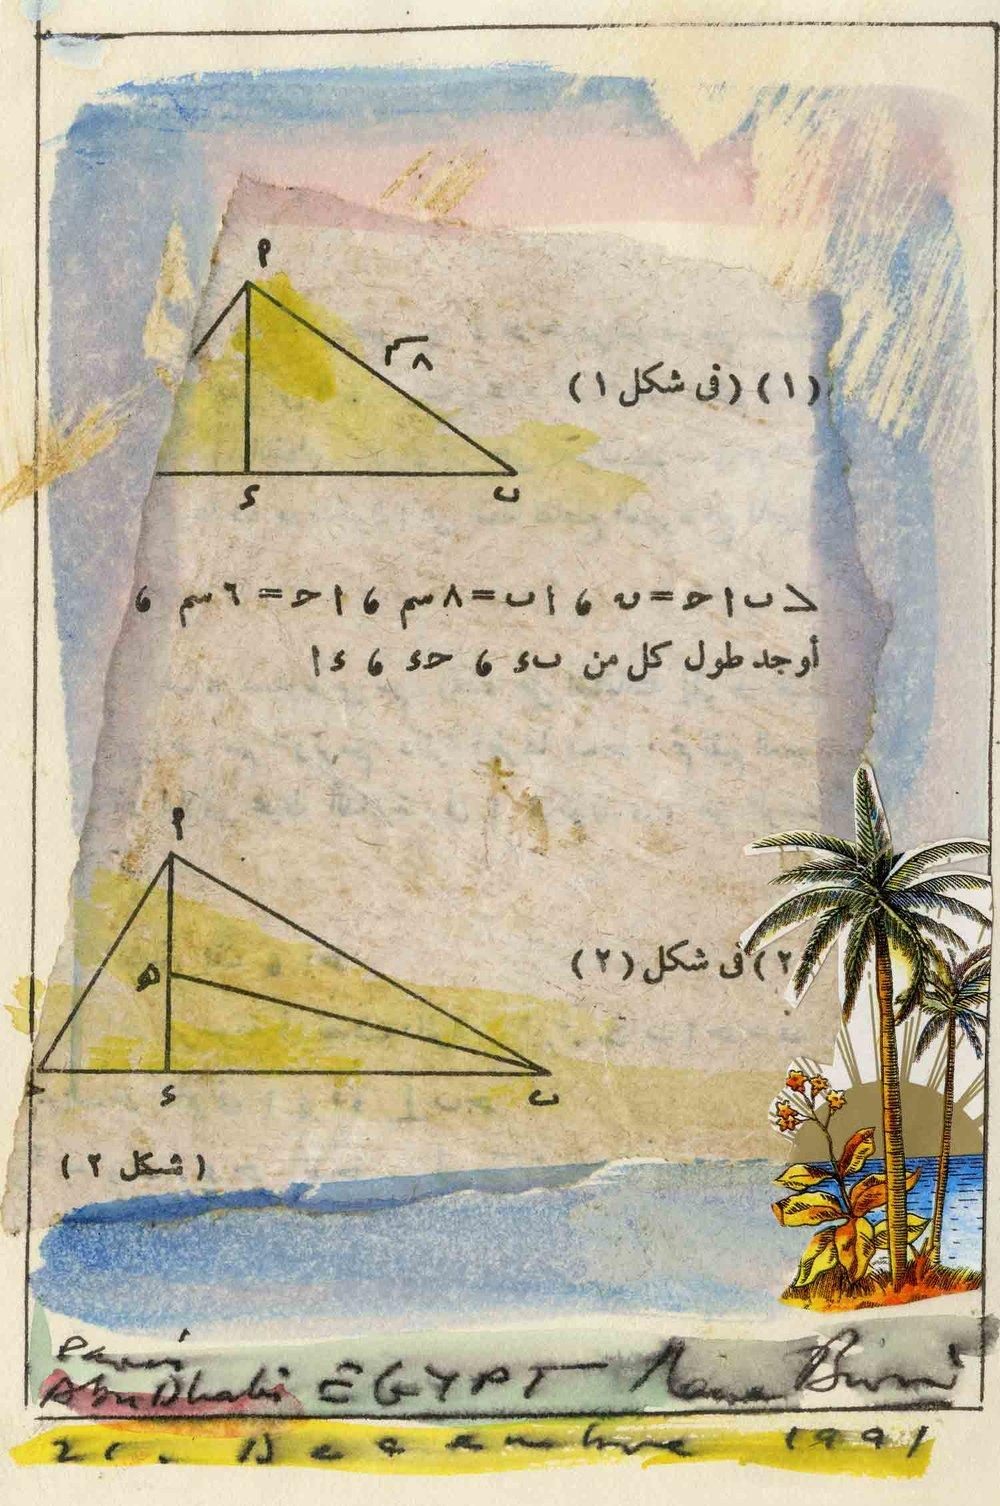 勒内•布里,拼贴及水彩-巴黎阿布扎比-埃及-1991年12月21日,1991年。  © 勒内•布里/玛格南图片社. 勒内•布里基金会. 图片由爱丽舍摄影博物馆提供。